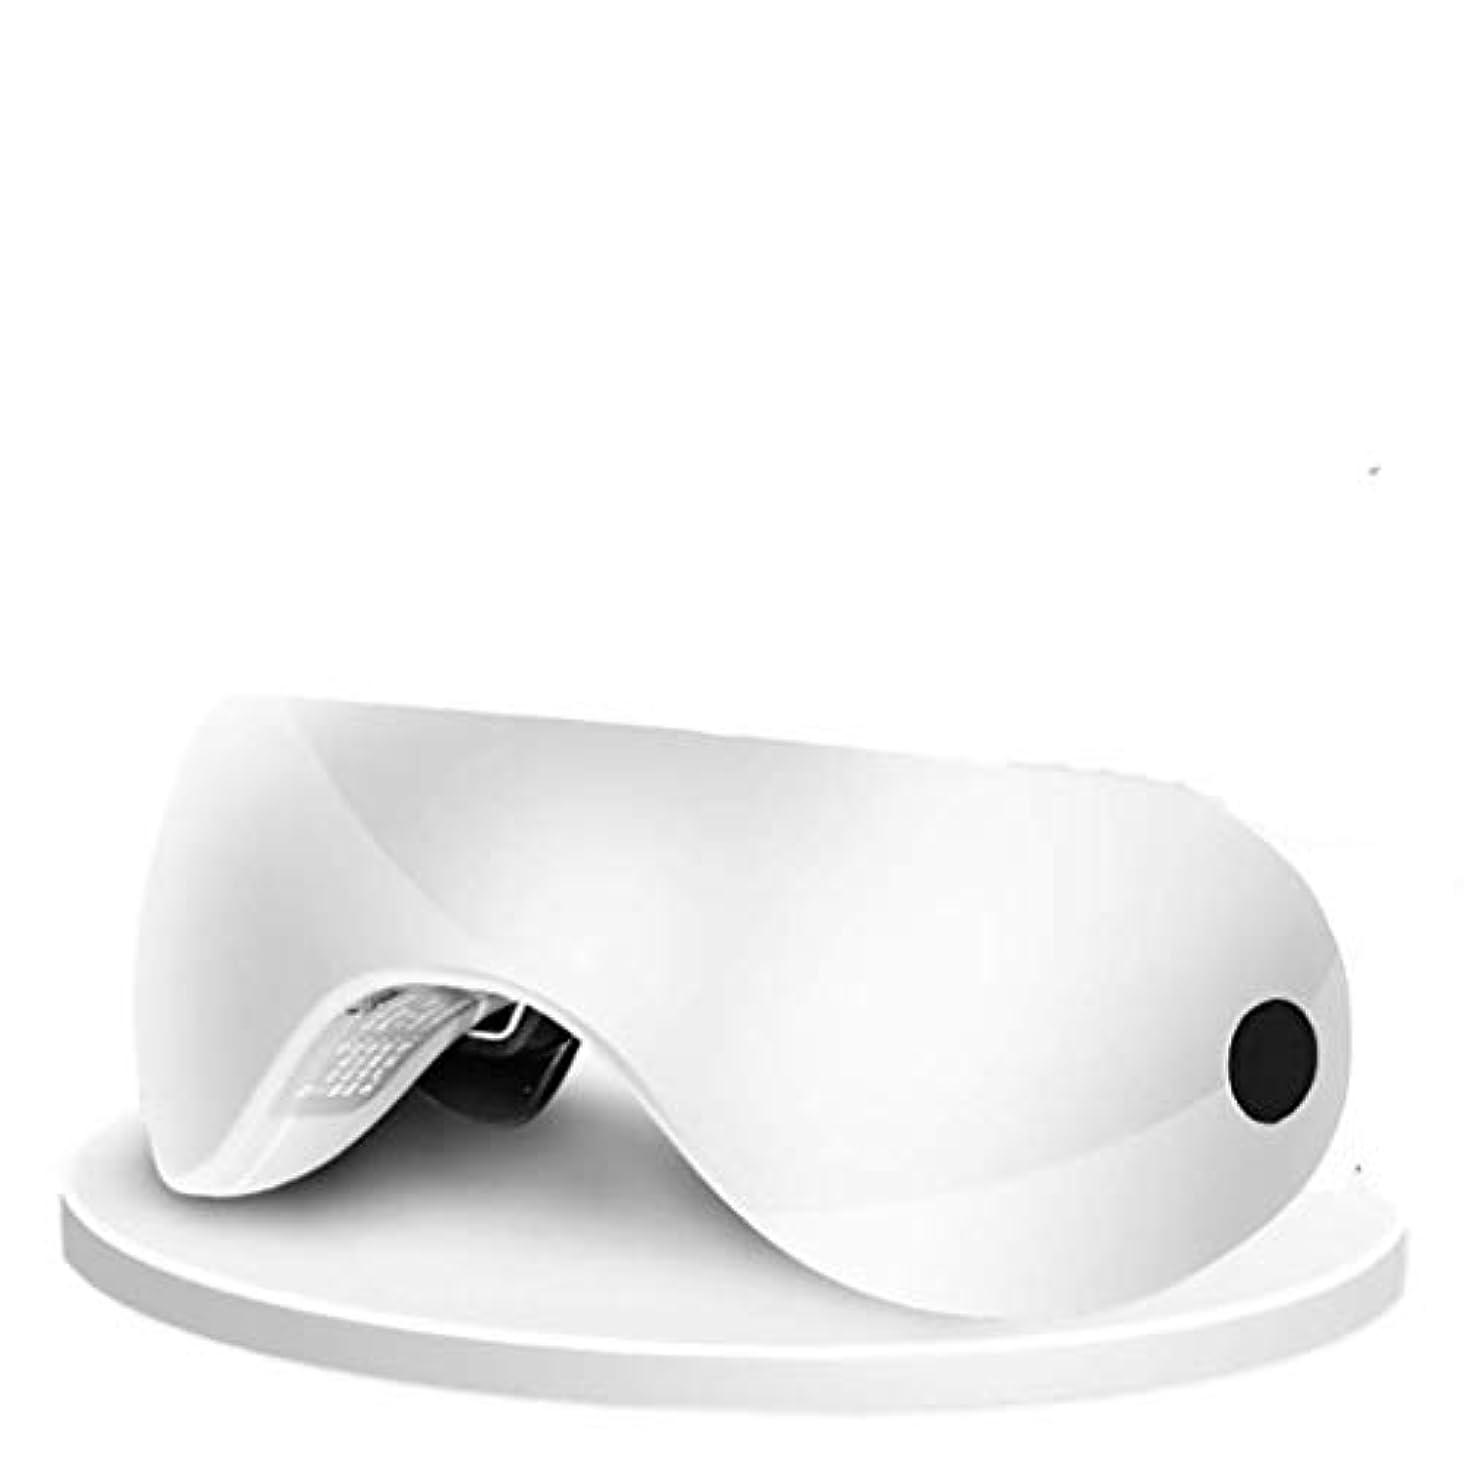 パイプ海複製多機能アイマッサージャー、180°折りたたみ/USB充電モード、気圧/振動/Bluetoothライトミュージック、旅行に便利/通気性、視覚保護デバイス、近視/乱視矯正